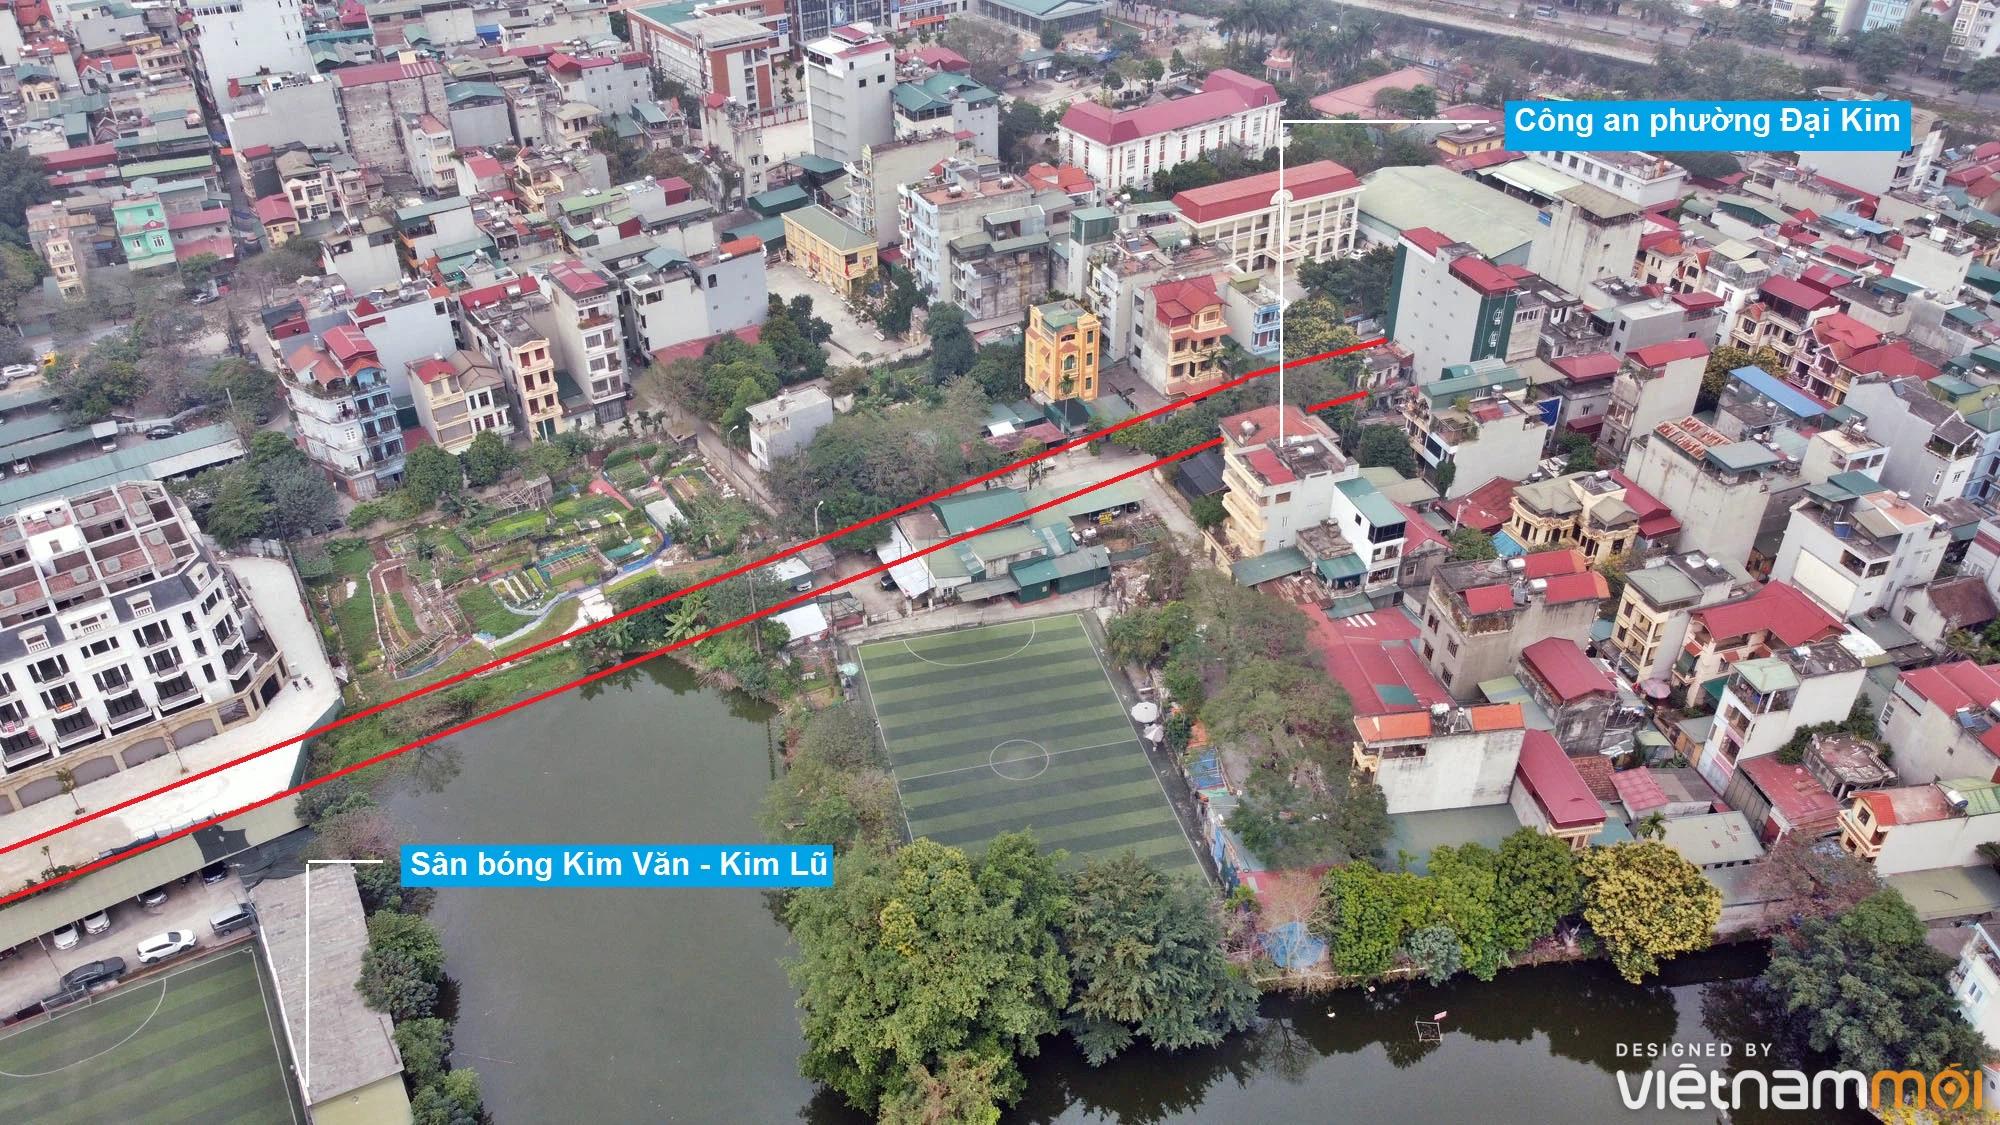 Đường sẽ mở theo quy hoạch ở phường Đại Kim, Hoàng Mai, Hà Nội (phần 3) - Ảnh 8.